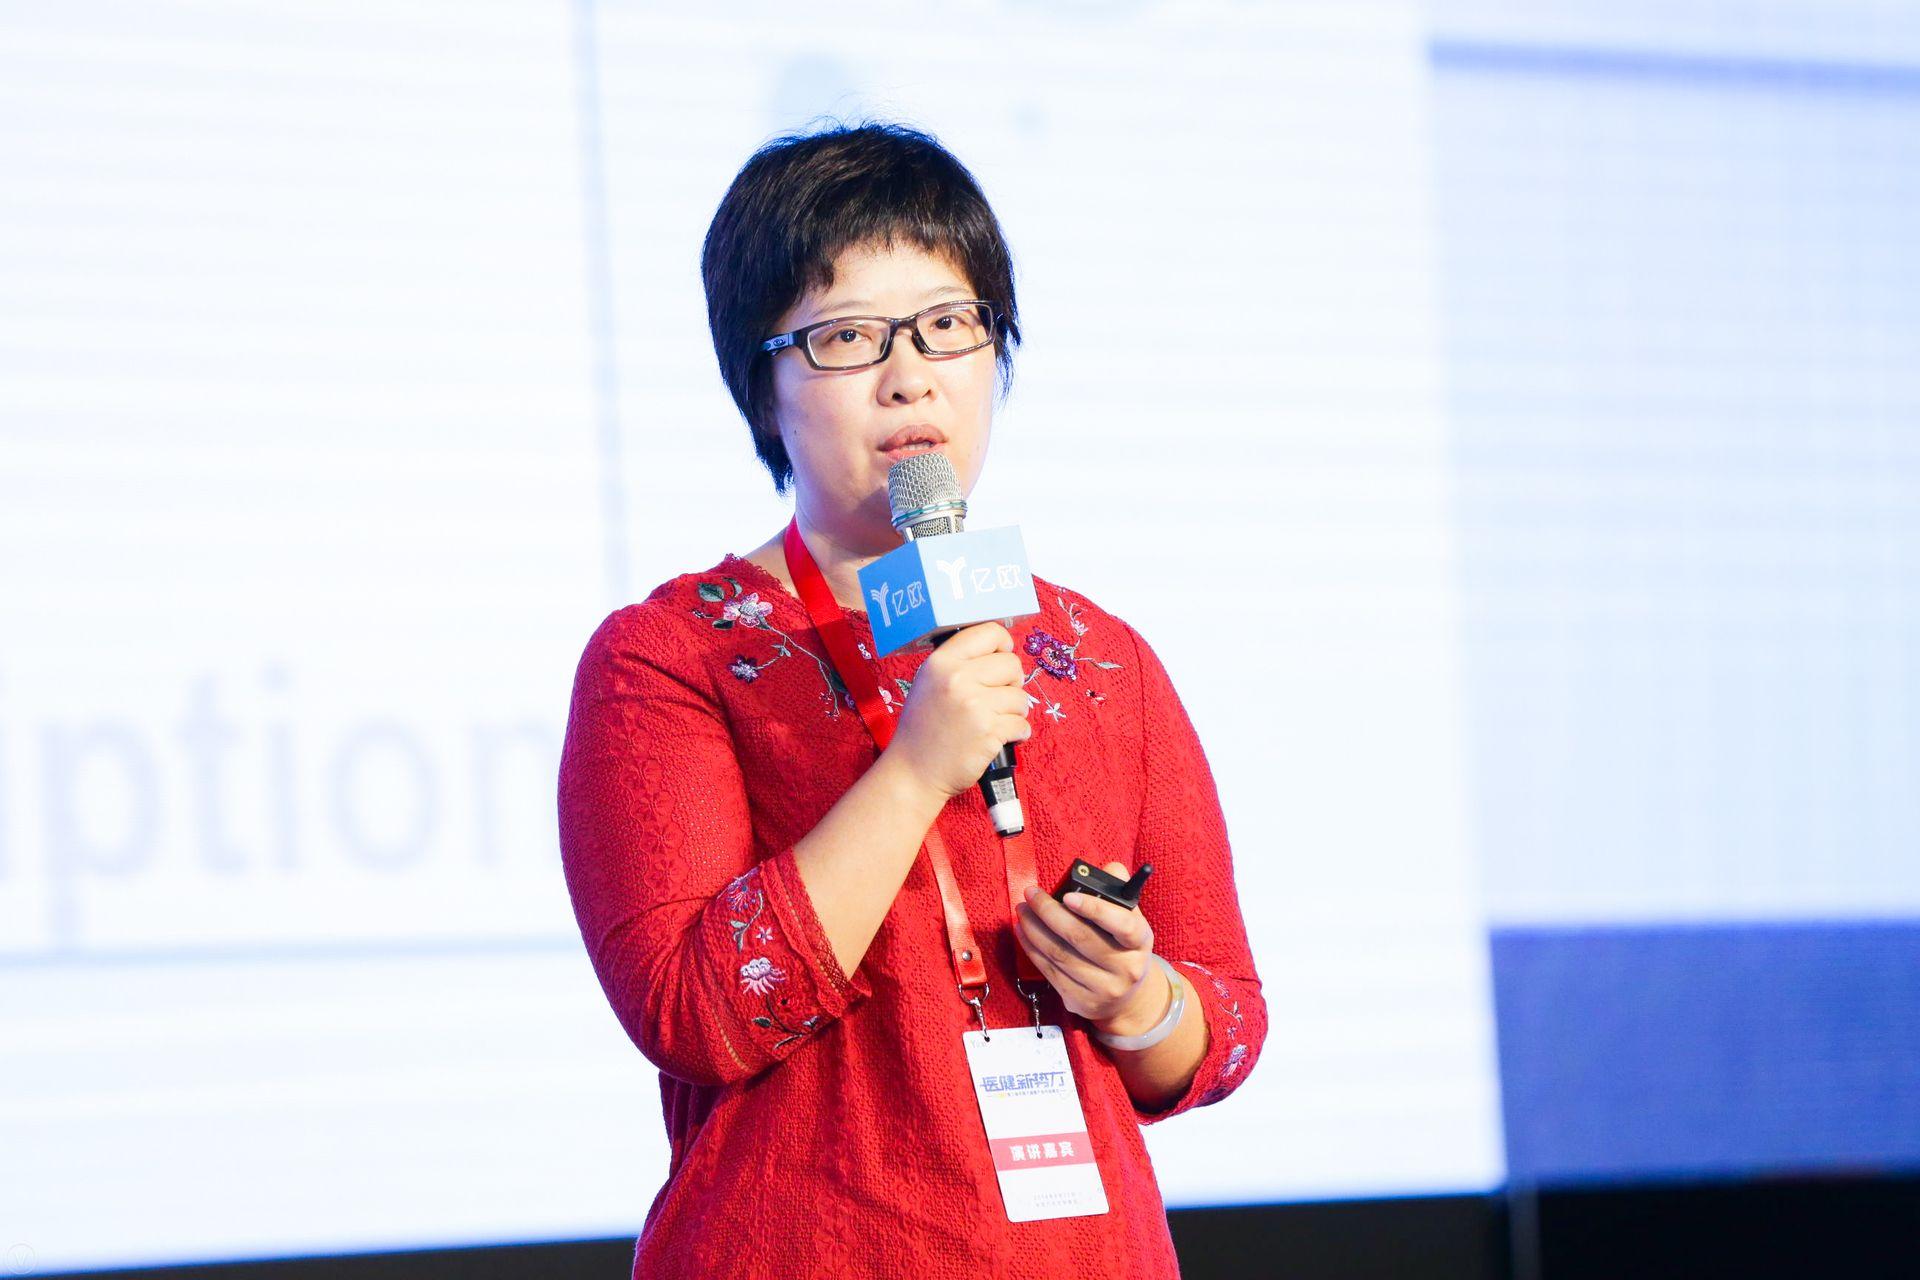 美维口腔医疗CEO朱丽雅:以合伙人模式,打造第三种口腔行业发展业态